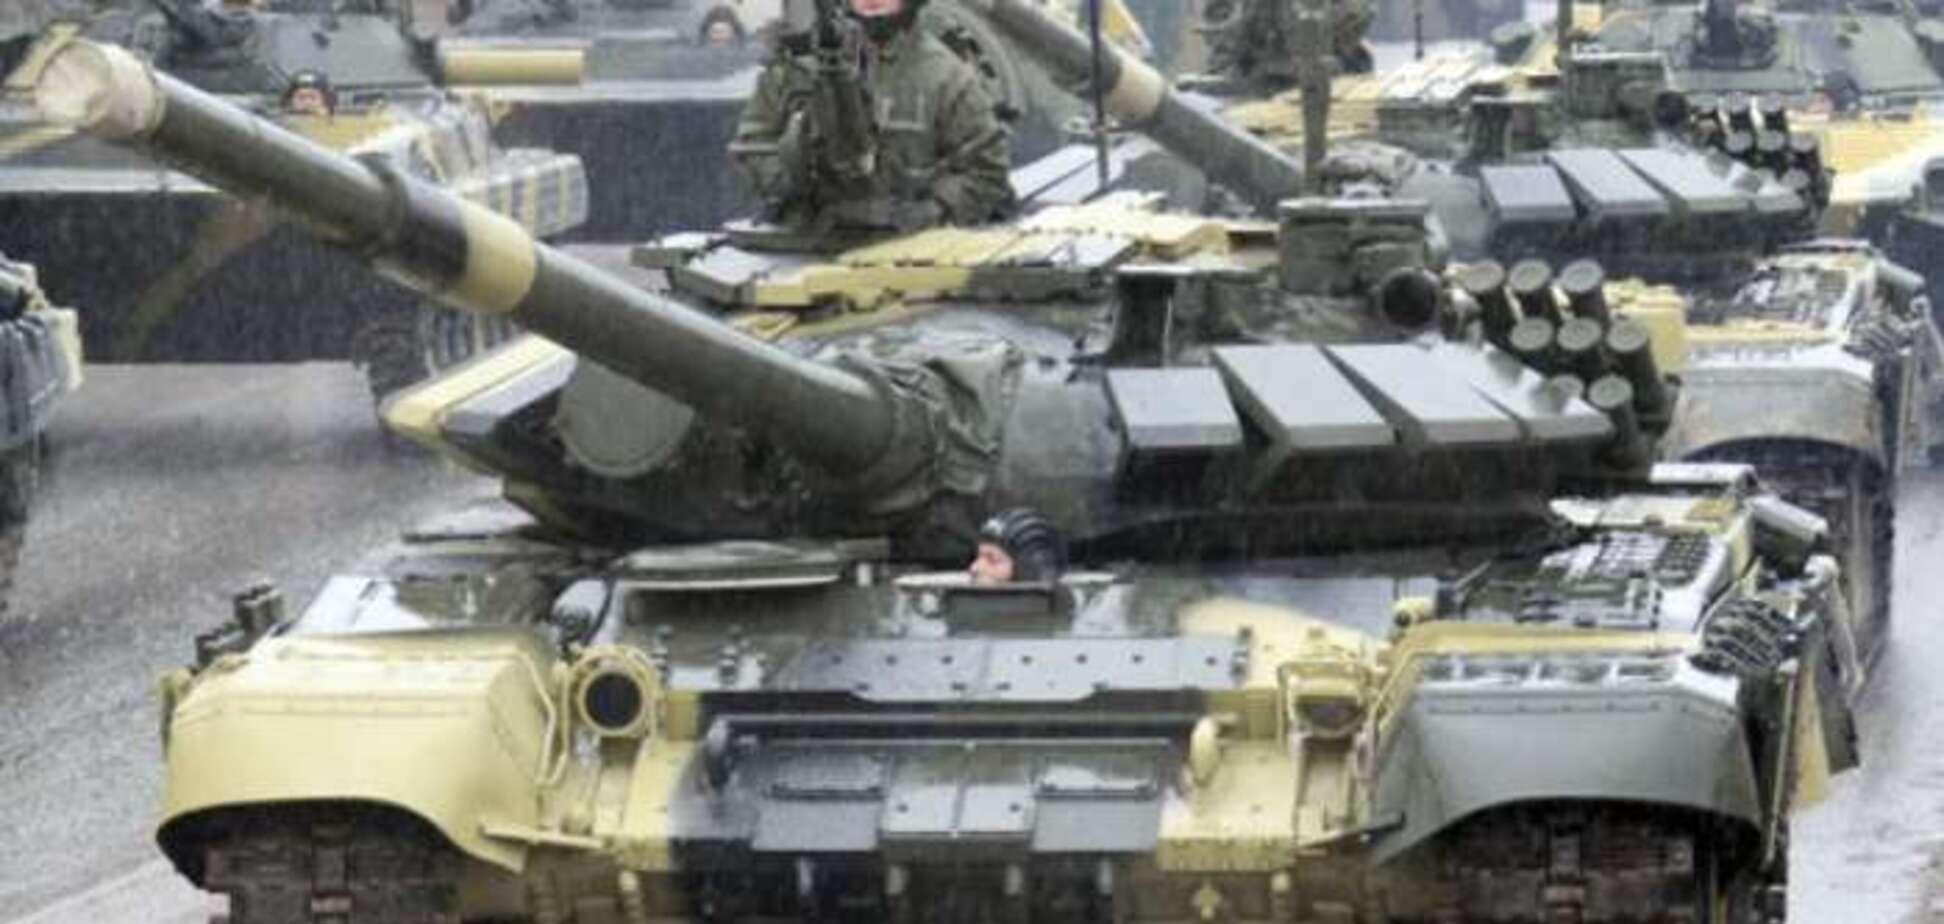 Що зробить ПАРЄ, коли московські танки посунуть на Харків?..